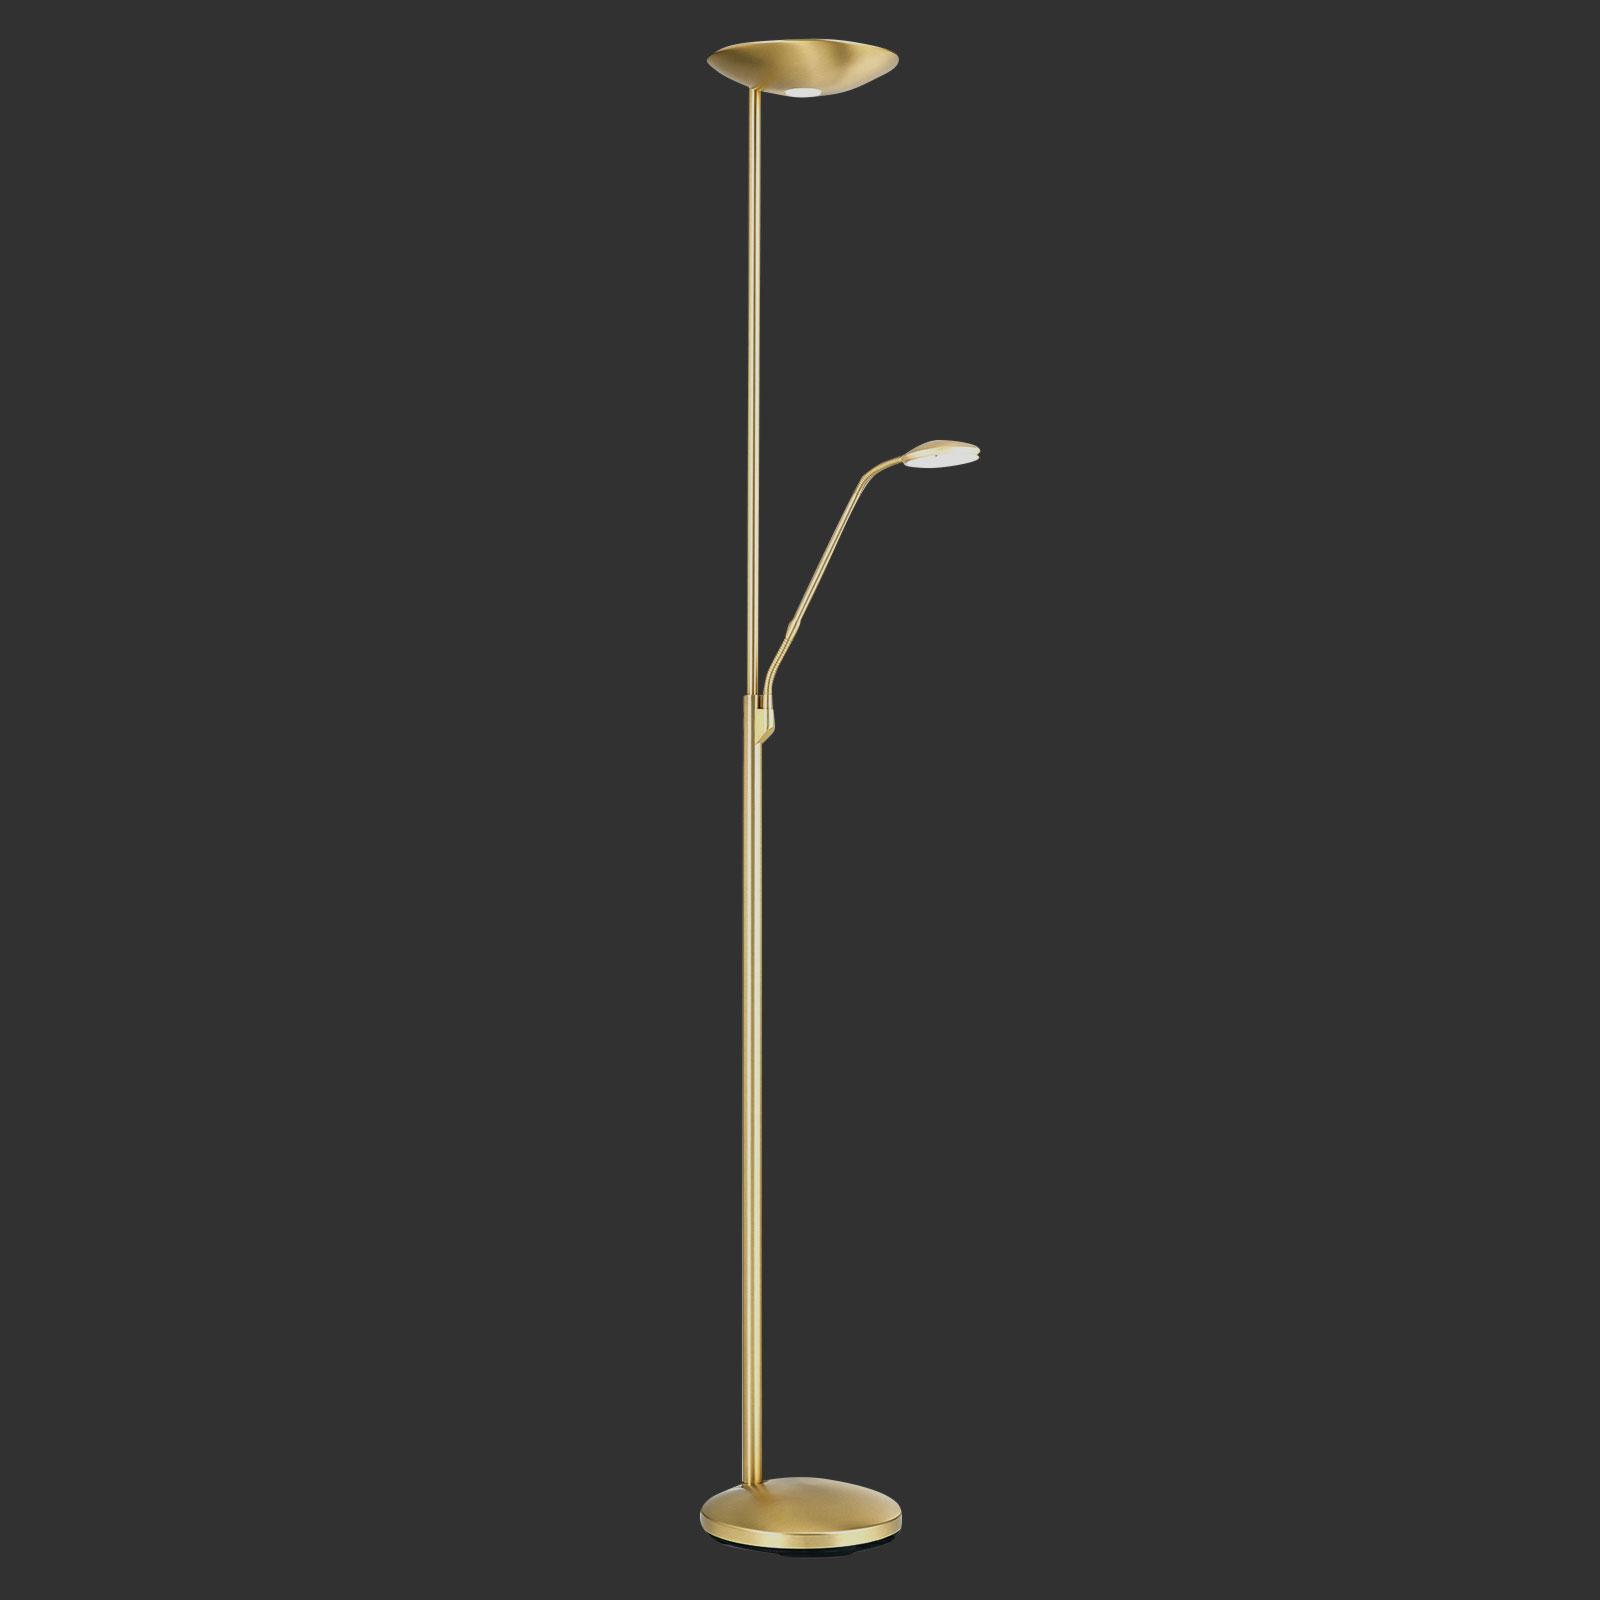 Cobra LED-uplight lampe med læselampe, messing